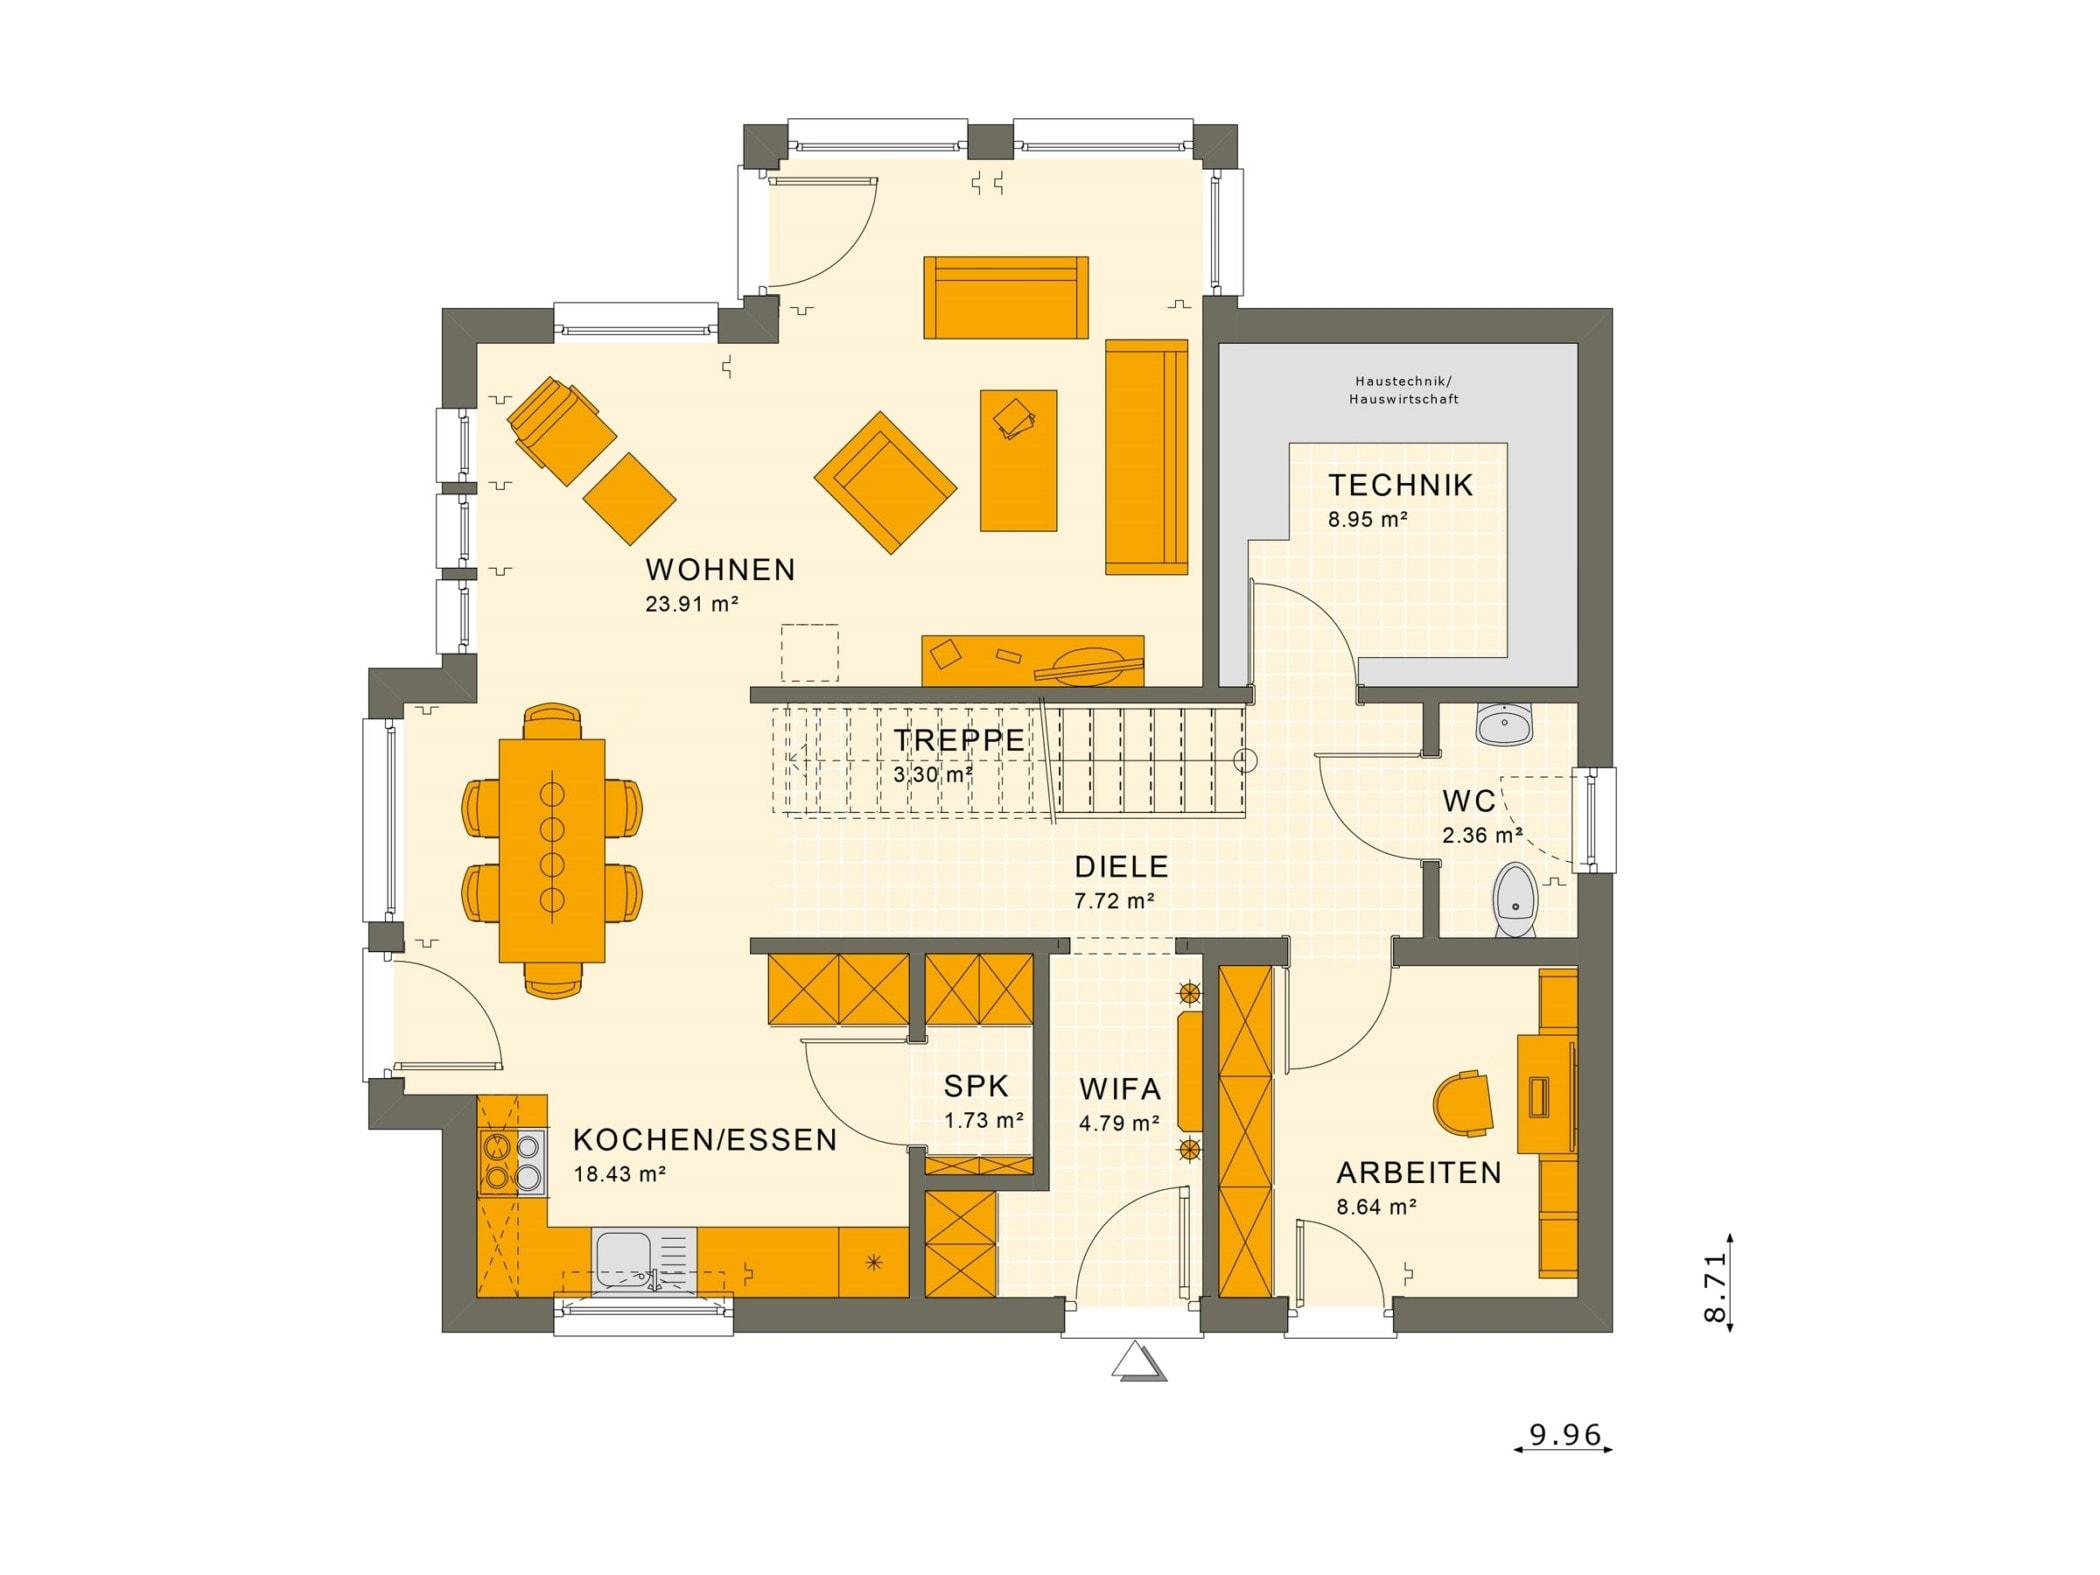 Grundriss Stadtvilla Erdgeschoss Treppe gerade & Wintergarten Erker, 5 Zimmer, 140 qm - Fertighaus Living Haus SUNSHINE 144 V7 - HausbauDirekt.de